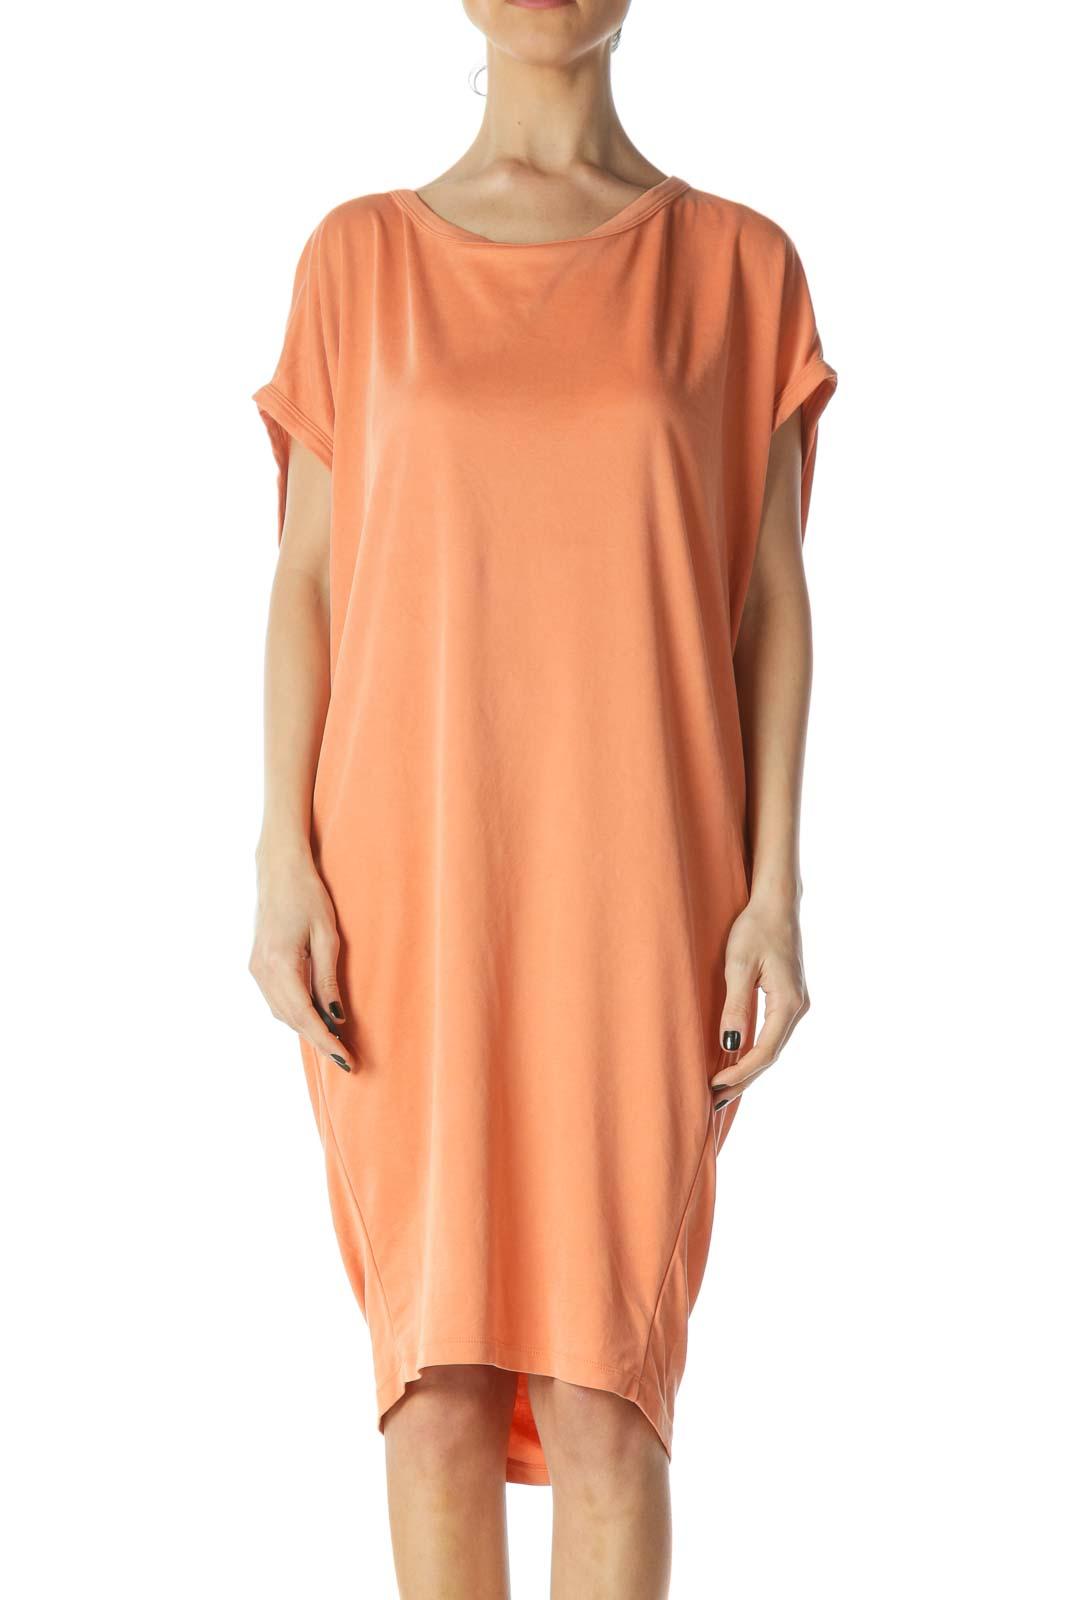 Orange Oversized Open Back Jersey Dress